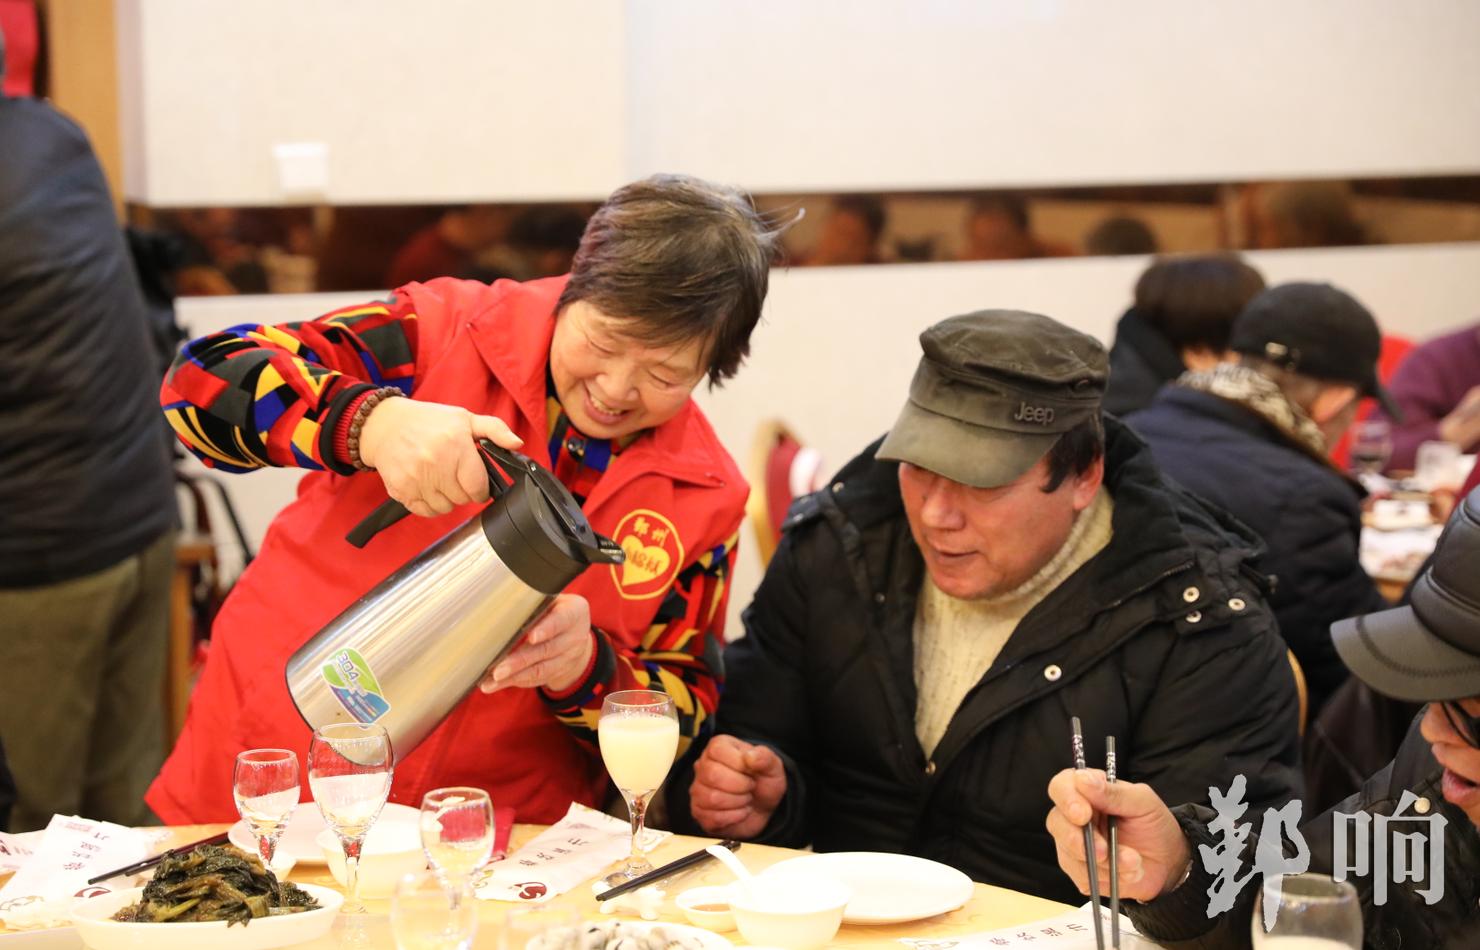 组织老人们吃年夜饭